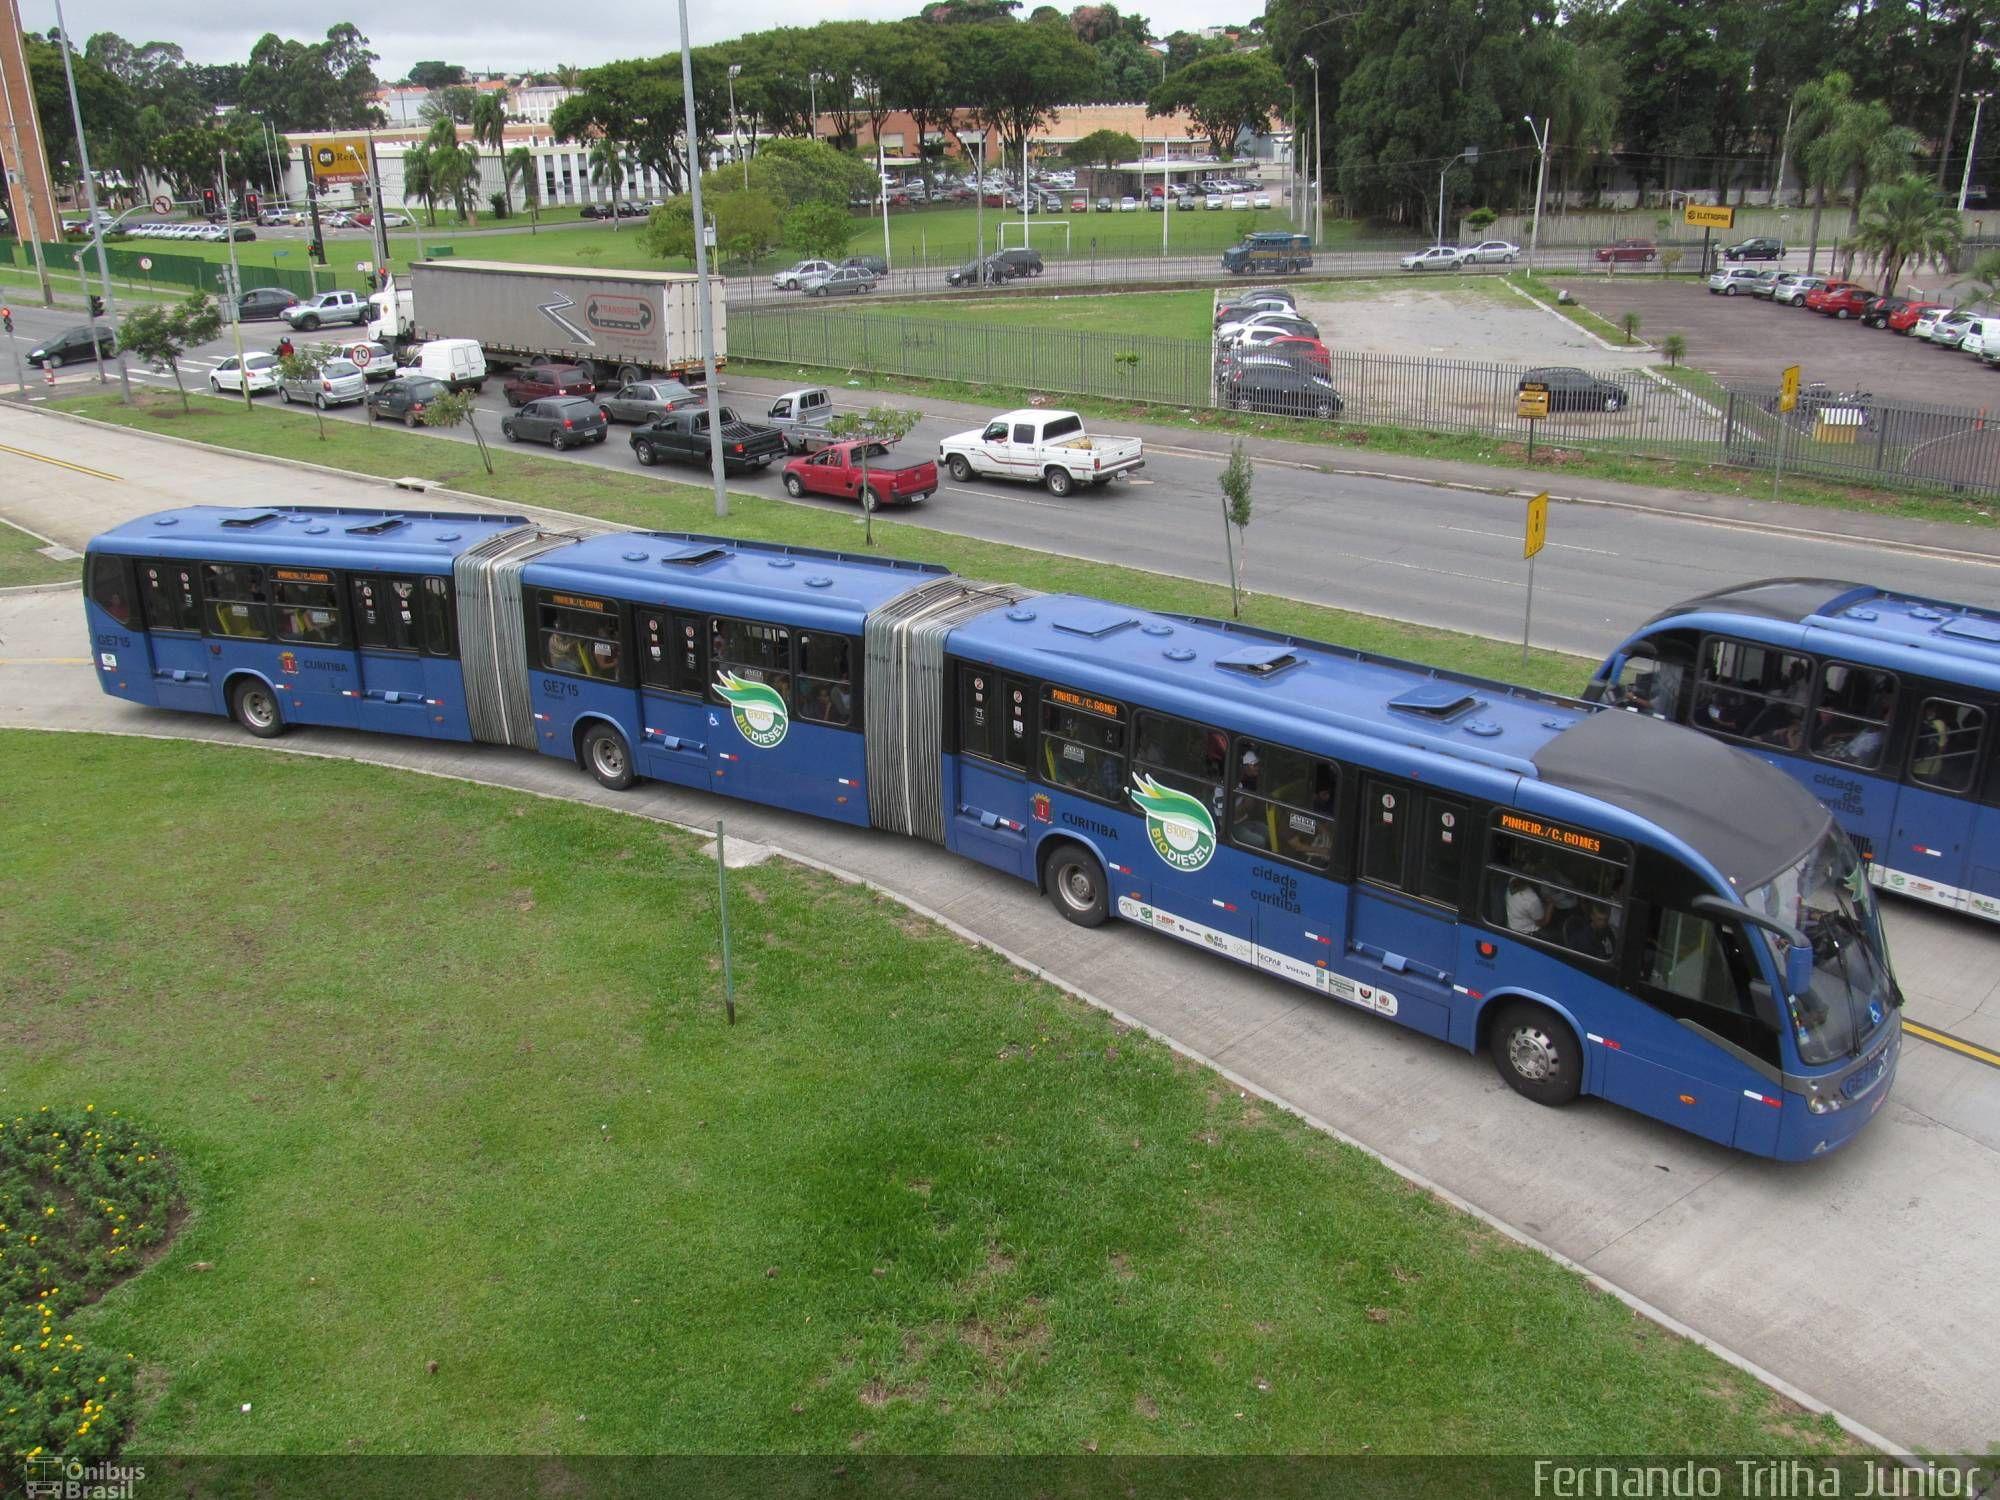 Neobus Volvo Mega BRT. Biarticulado de Curitiba, Brasil. Já foi maior ônibus do mundo.